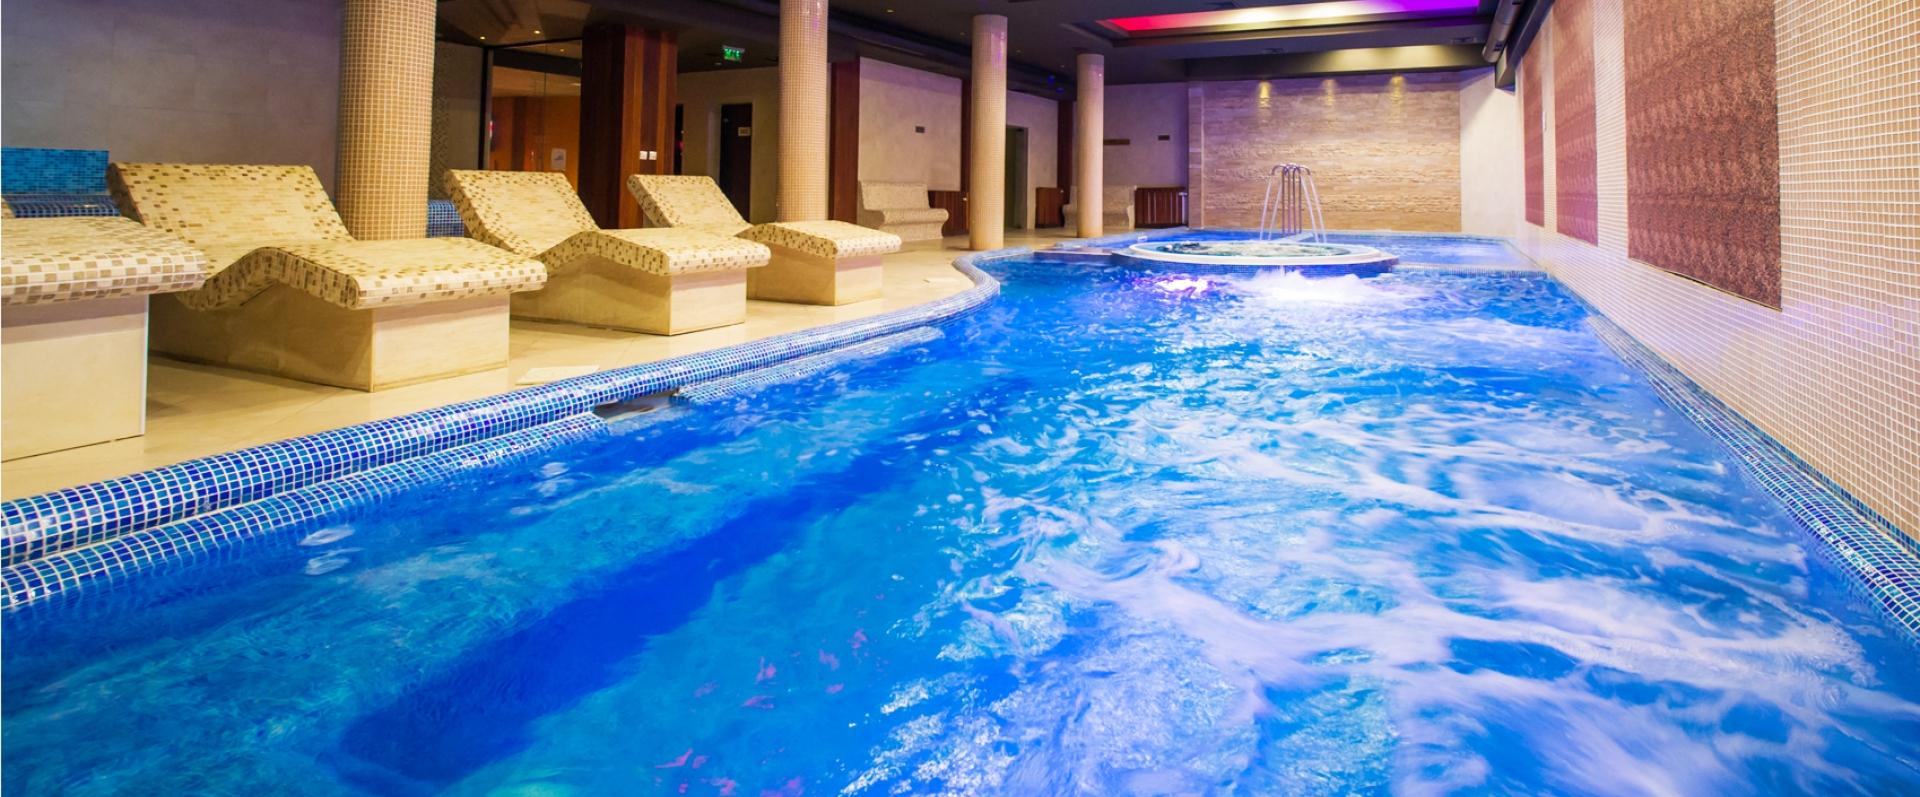 Гранд Хотел Банско - Pool-Photo